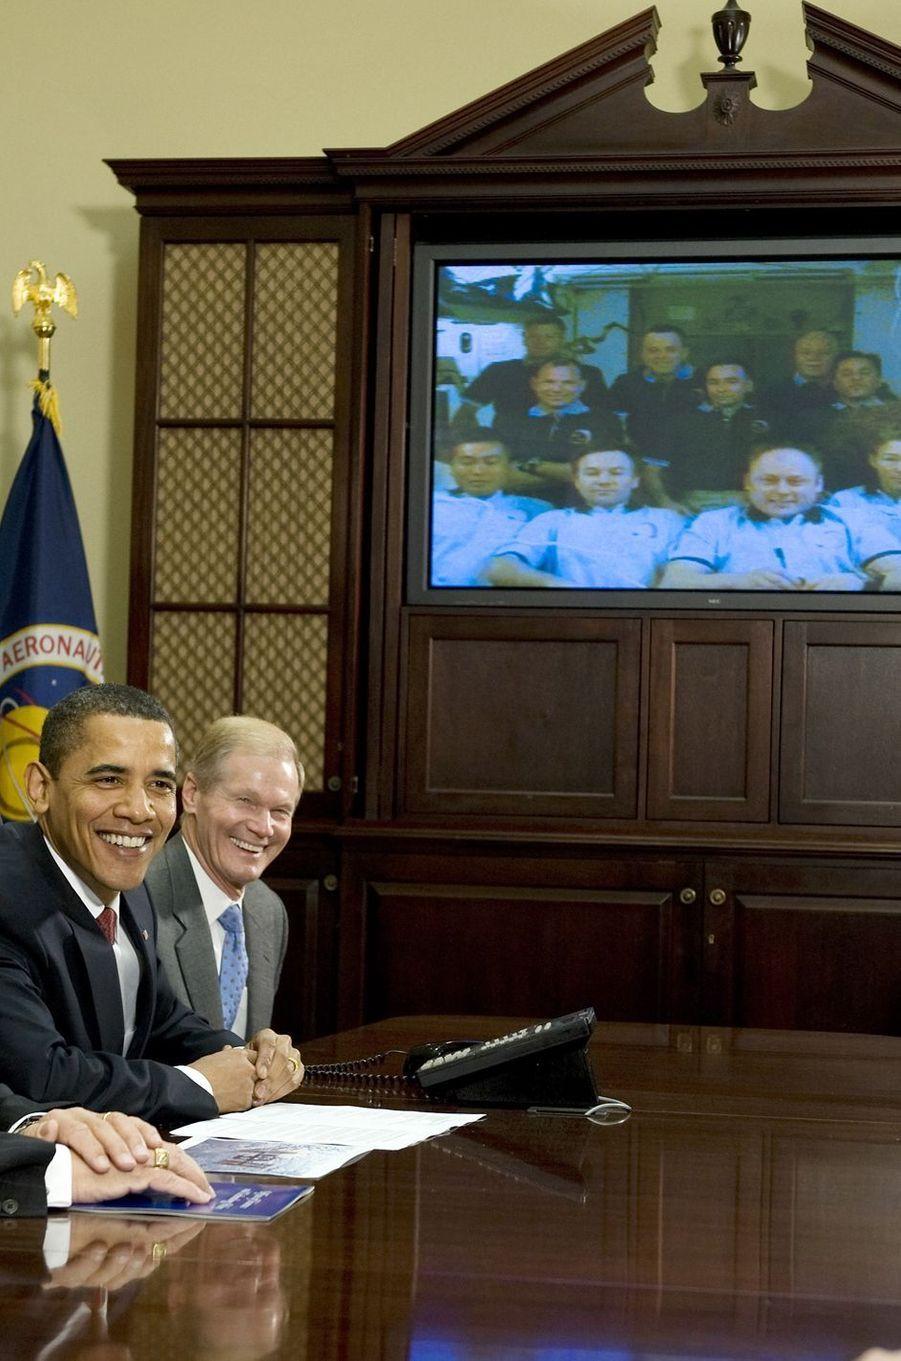 Barack Obama lors d'un appel avec les astronautes dans la Station spatiale internationale, le 24 mars 2009.